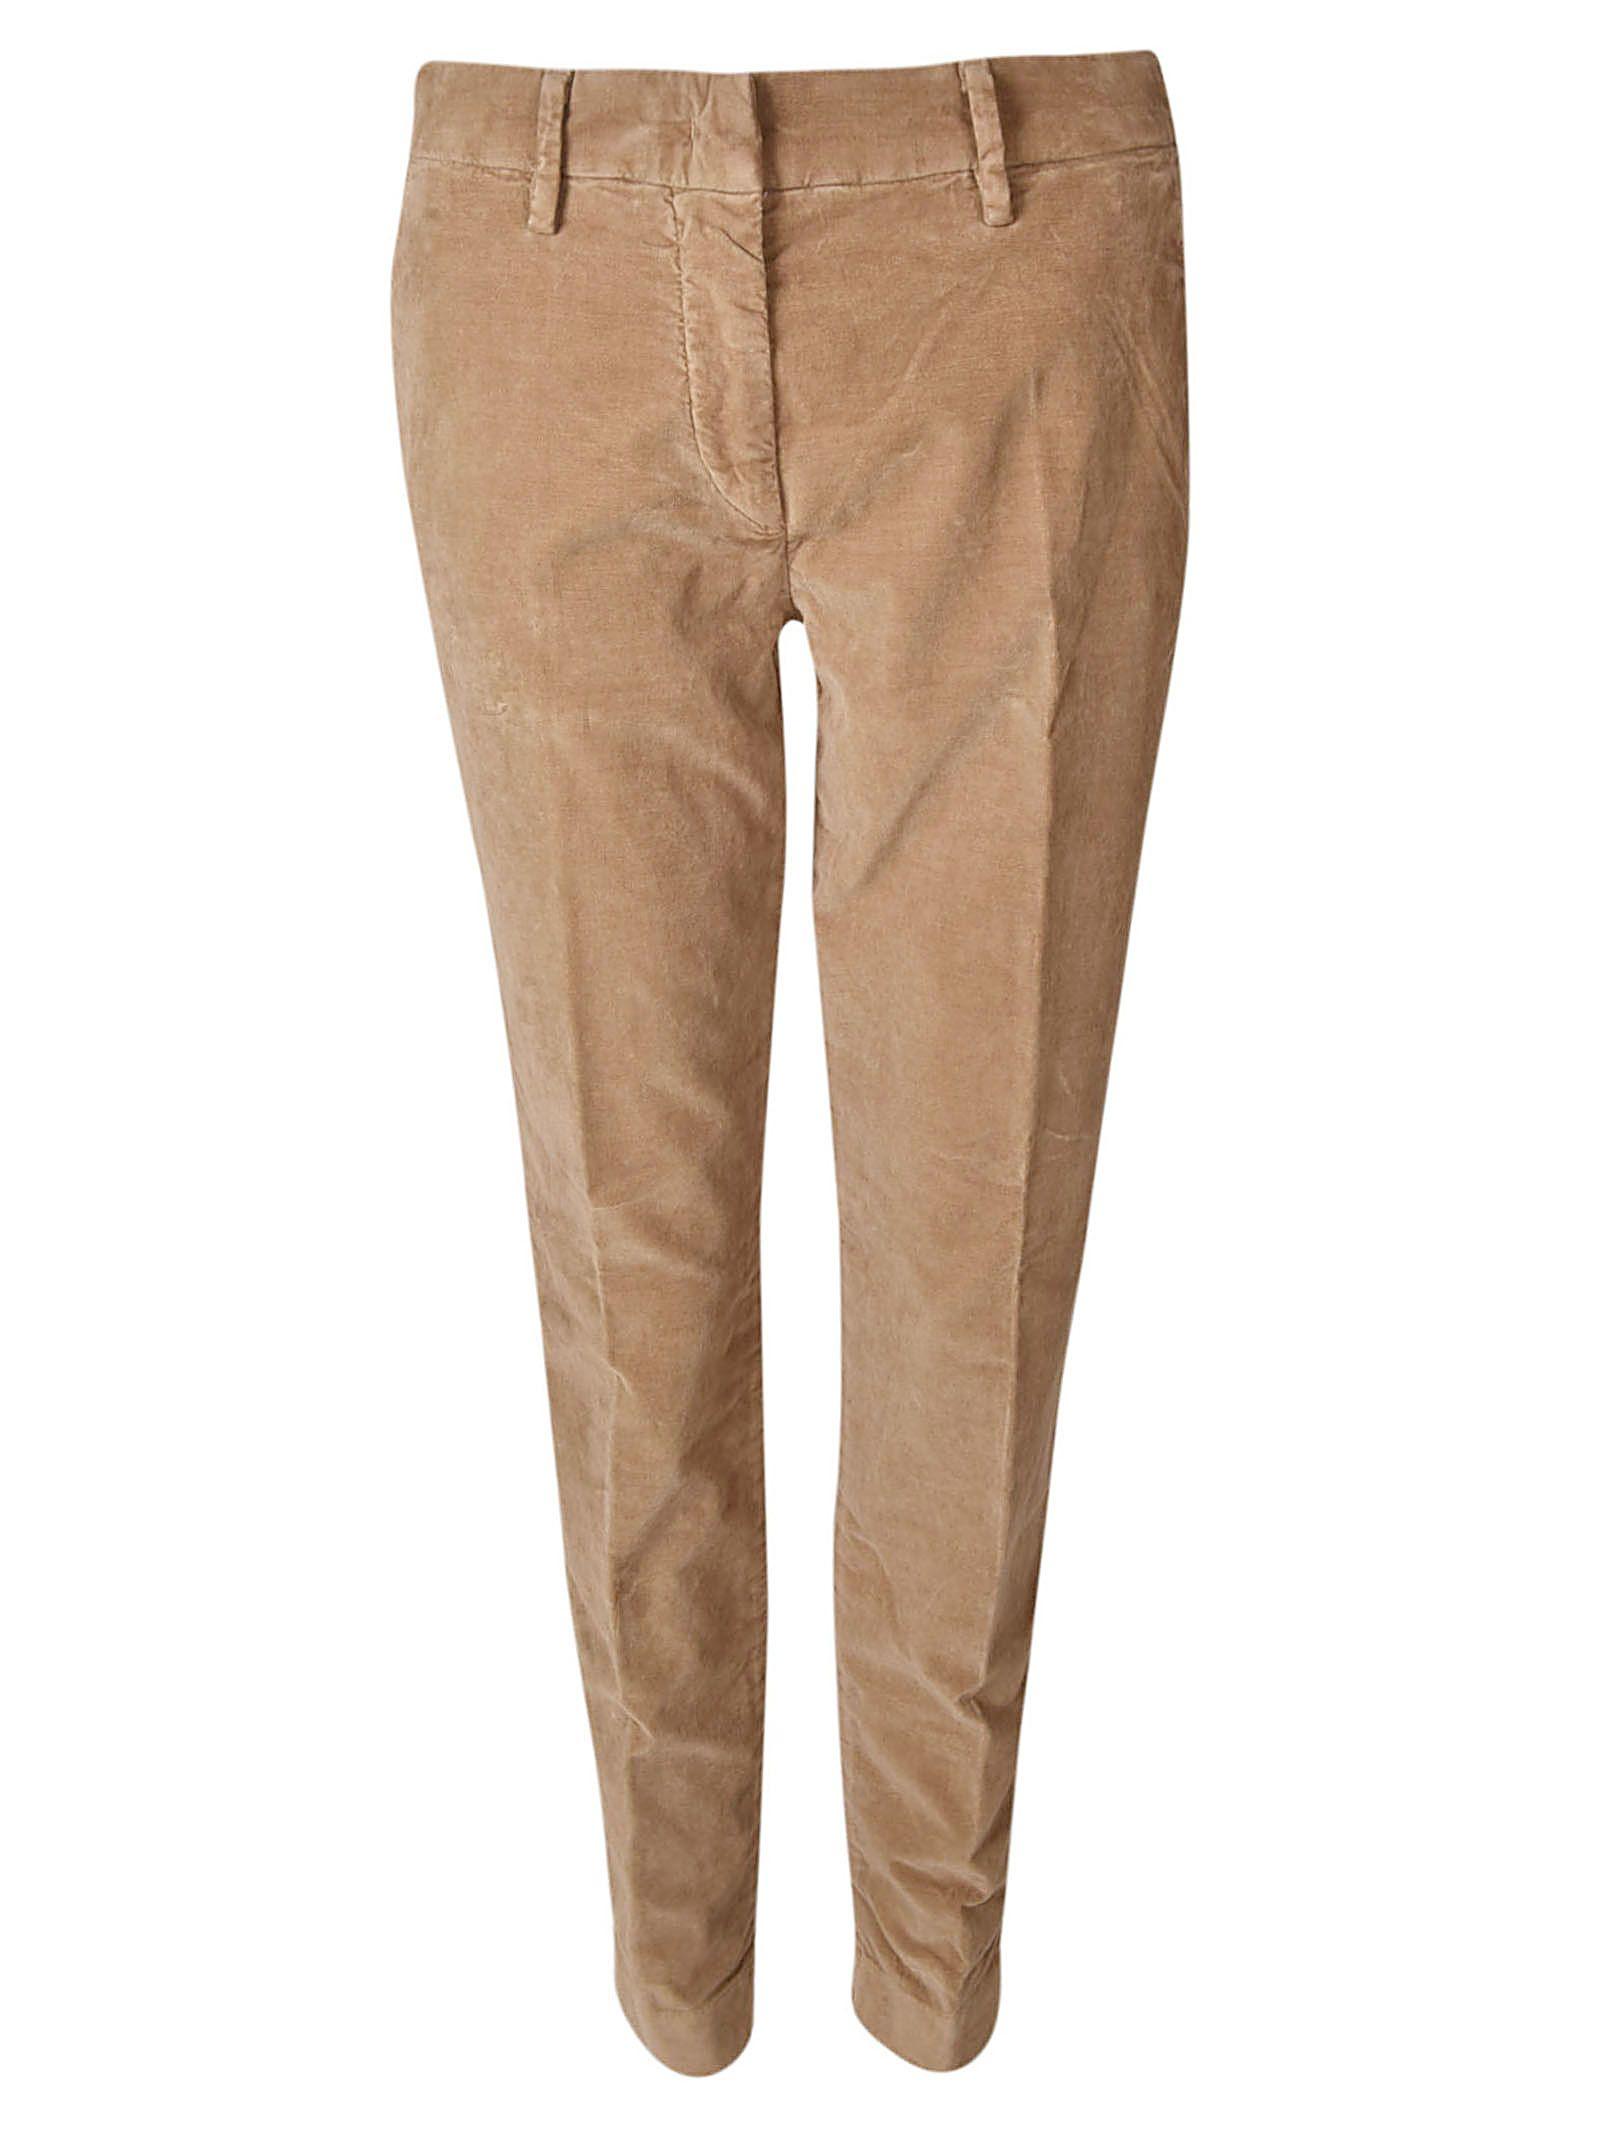 Mason's Chino Trousers